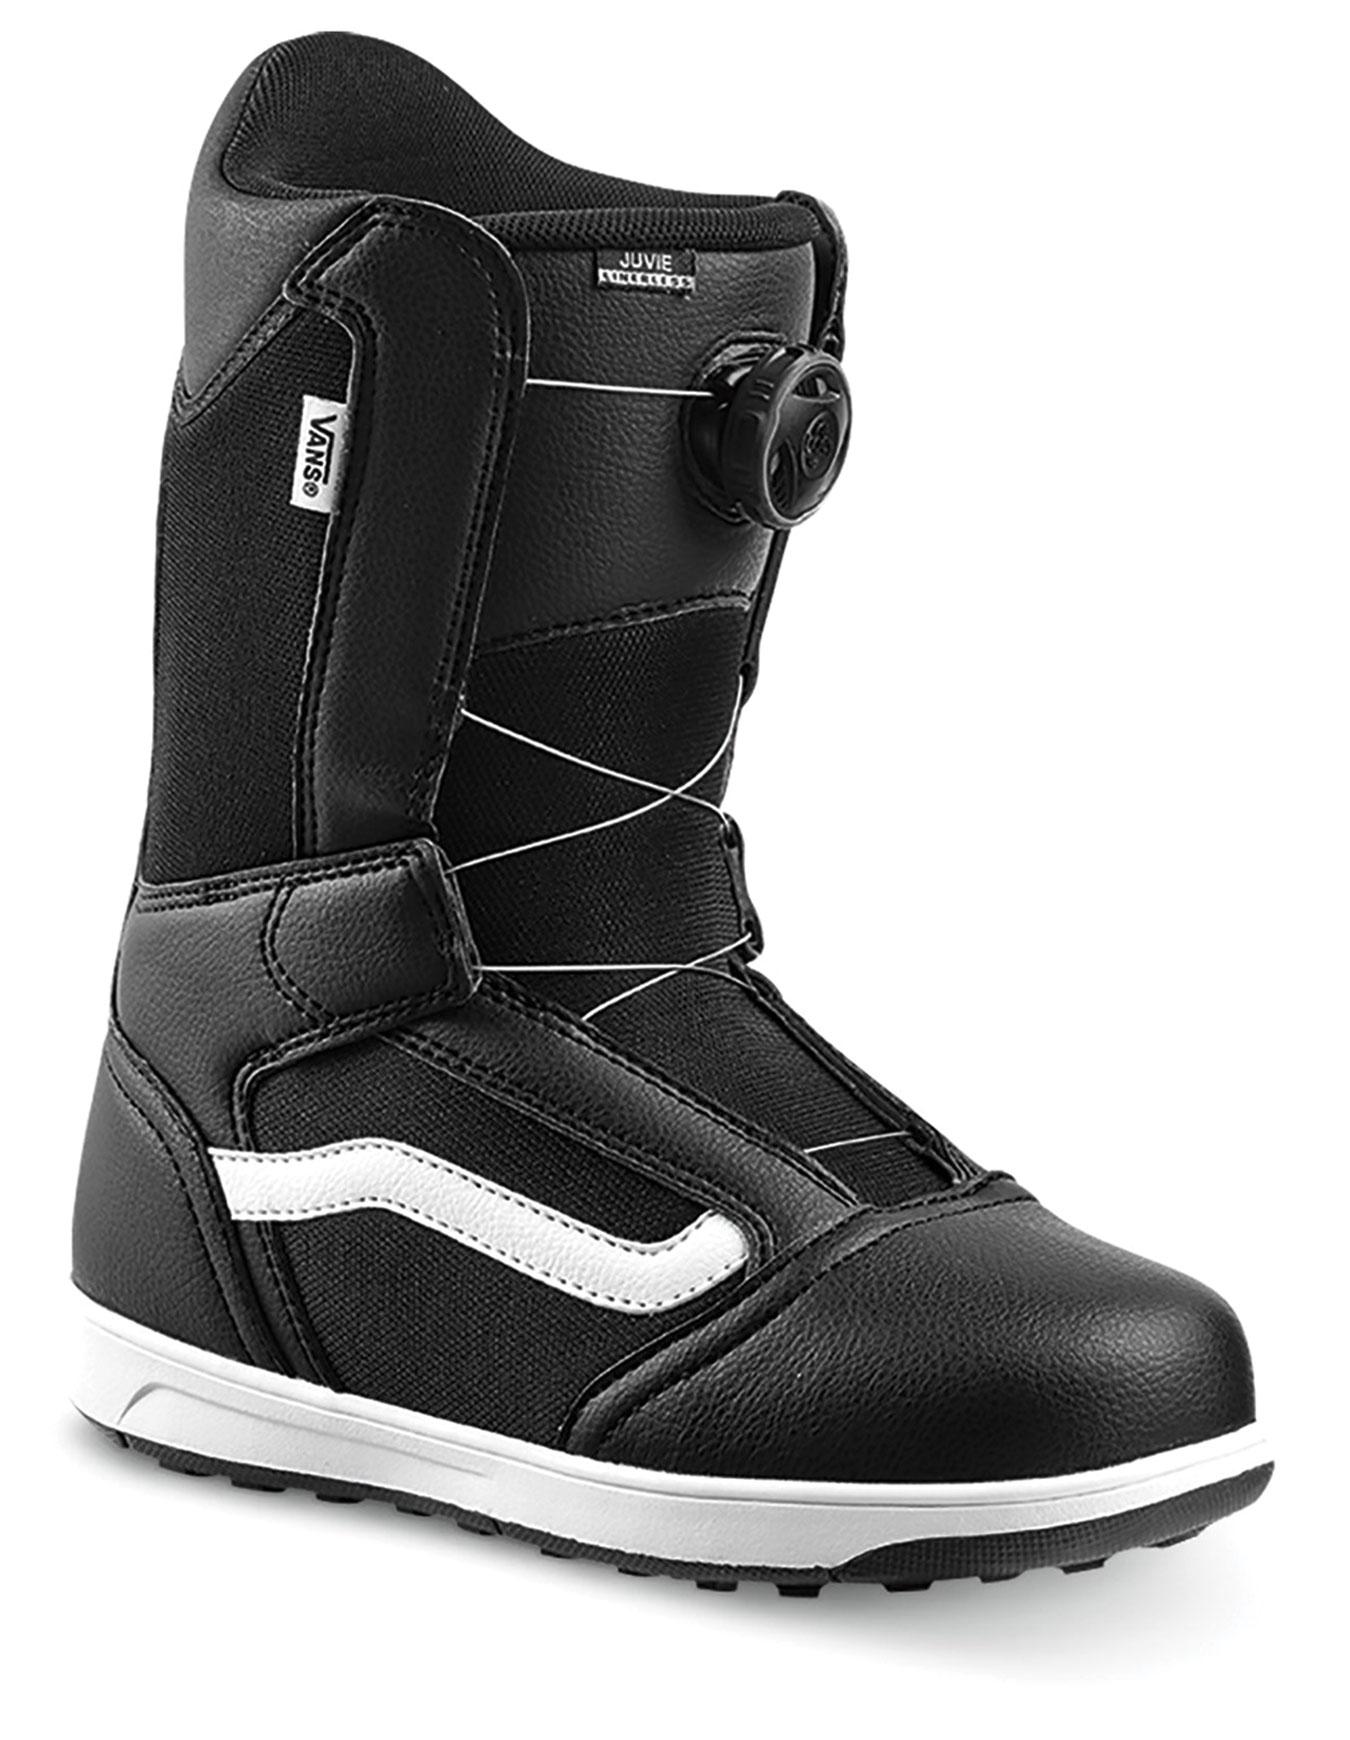 Bottes De Snowboard Vans en 2020 | Chaussures et chaussettes